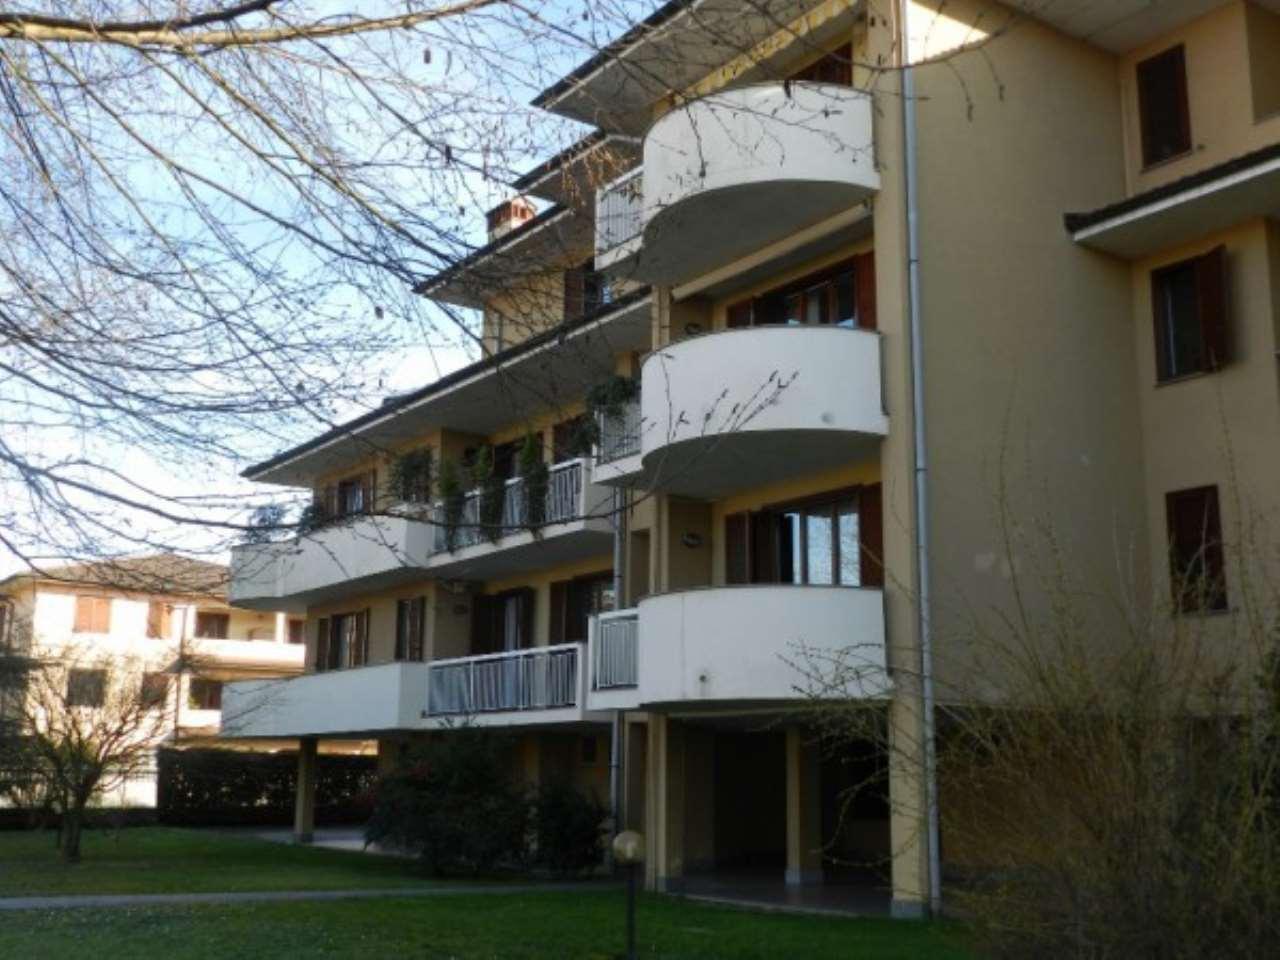 Appartamento in vendita a Cava Manara, 3 locali, prezzo € 175.000 | CambioCasa.it